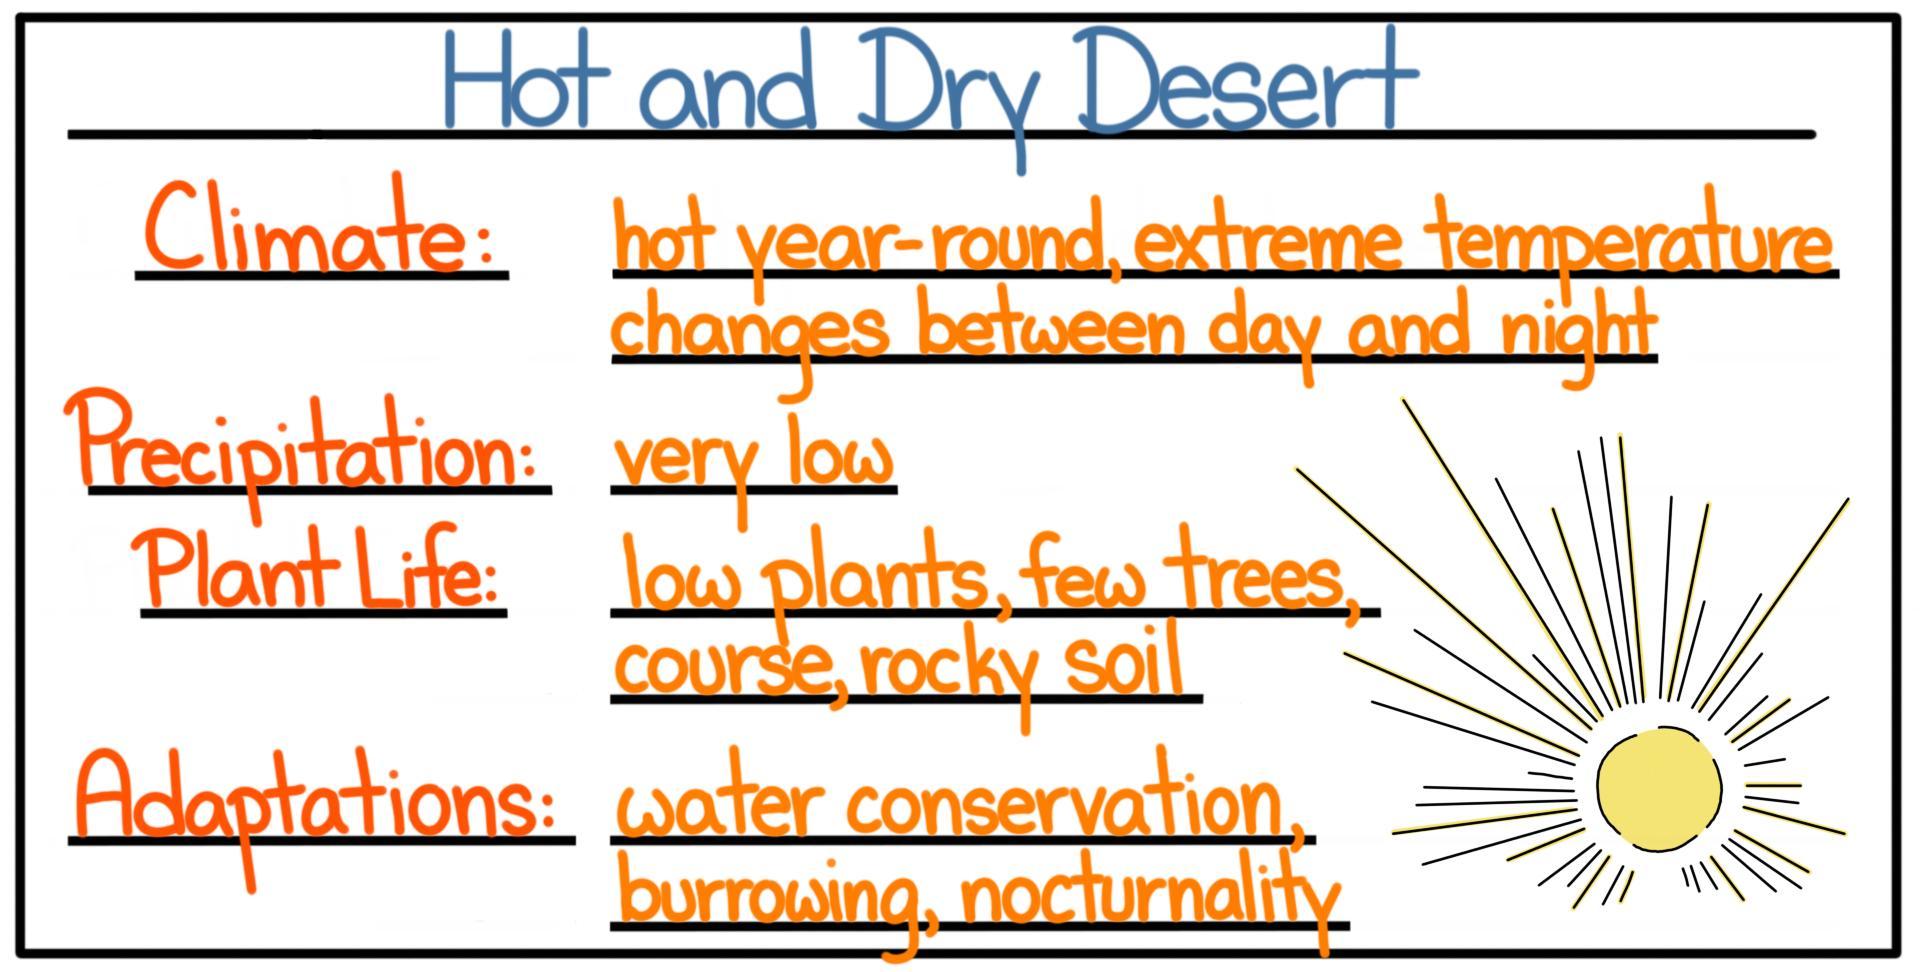 Desert Biomes Semiarid Coastal Cold Amp Hot And Dry